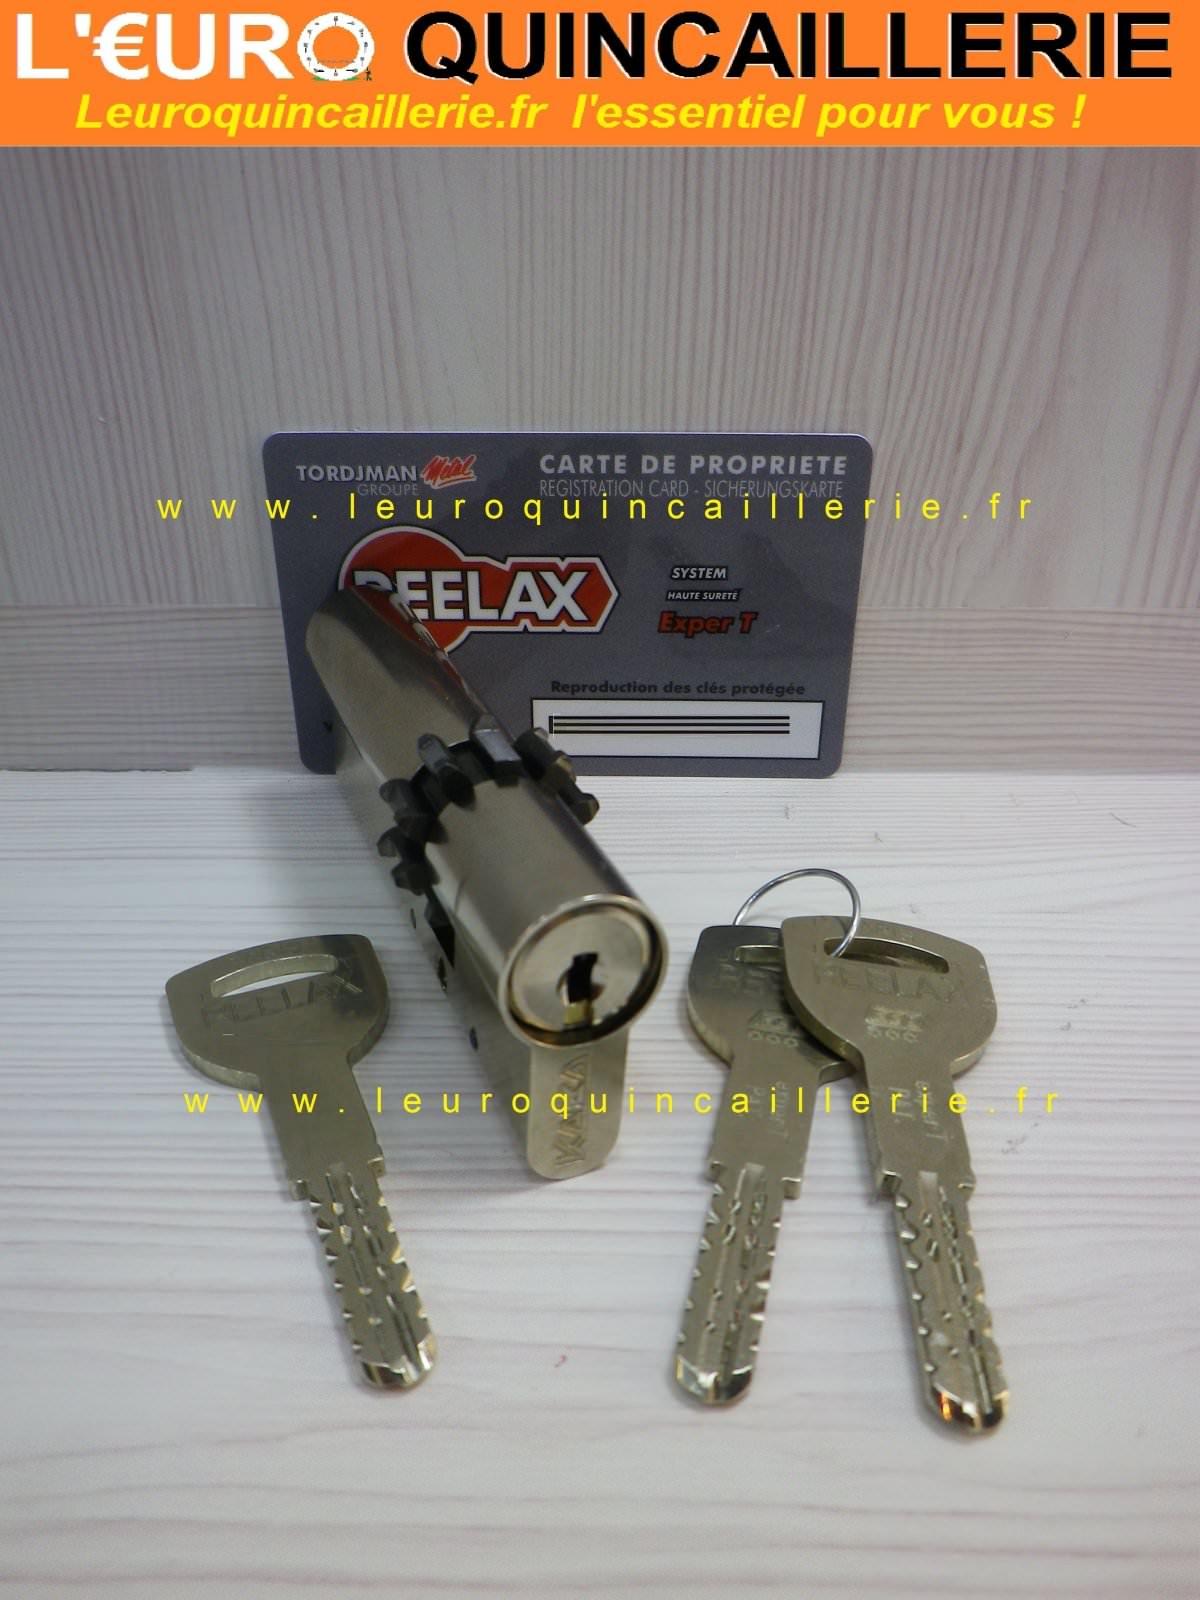 Cylindres roue dentée Kaba Exper-T pour serrure Reelax avec 3 clés brevetées, 10 dents